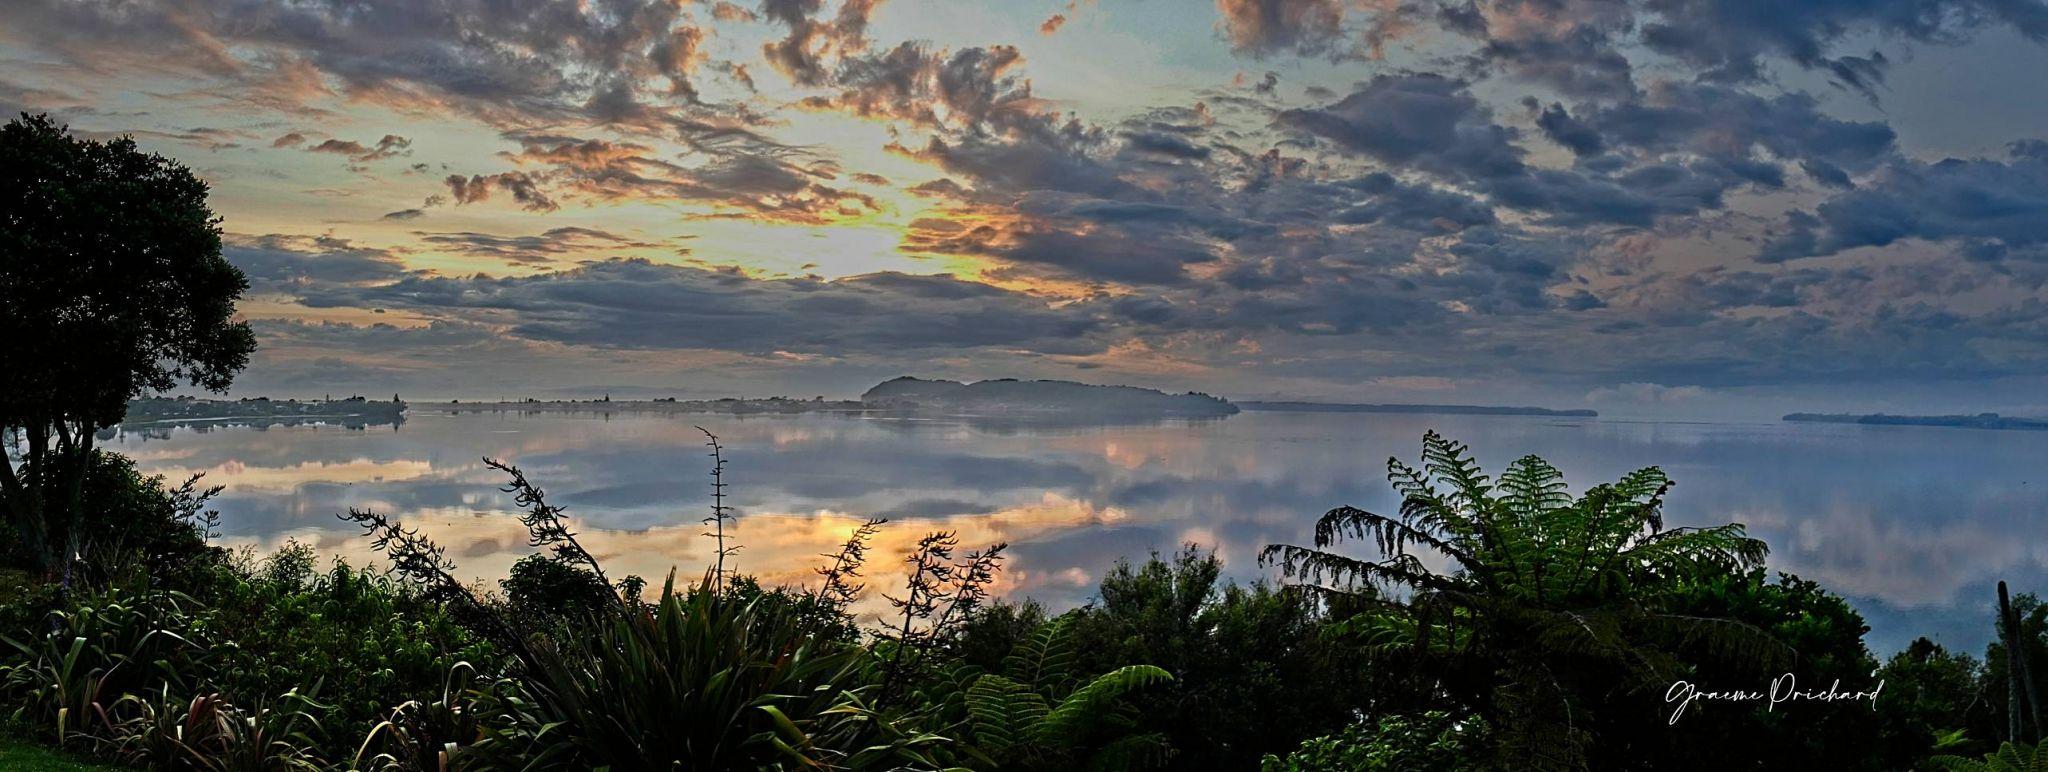 Athenree, New Zealand